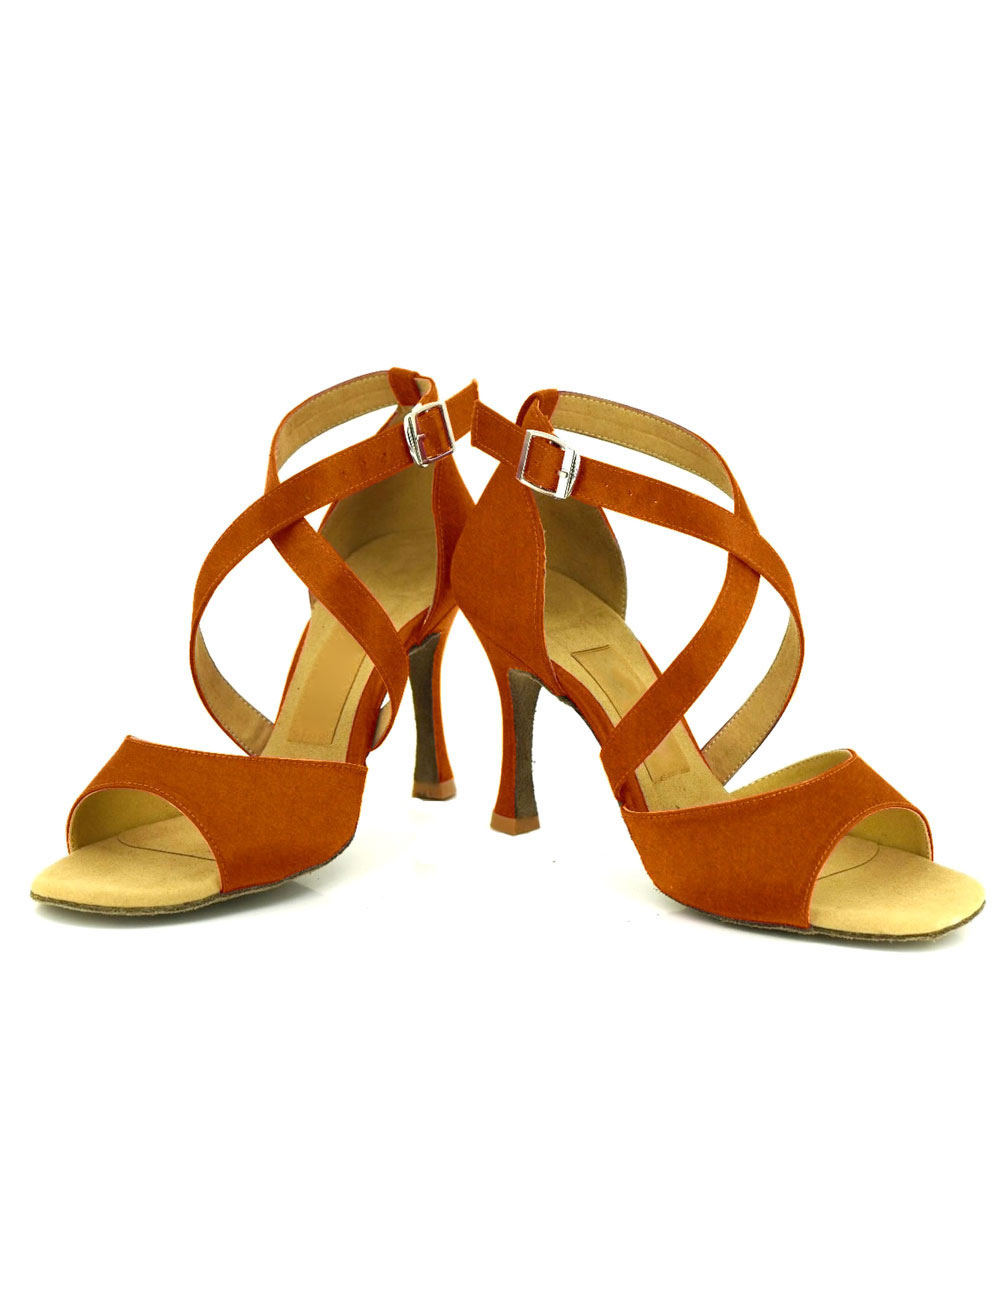 Baile zapatos del alto talón hebilla de las mujeres Cruz frontal abierto salón de baile zapatos FKBvMFrM